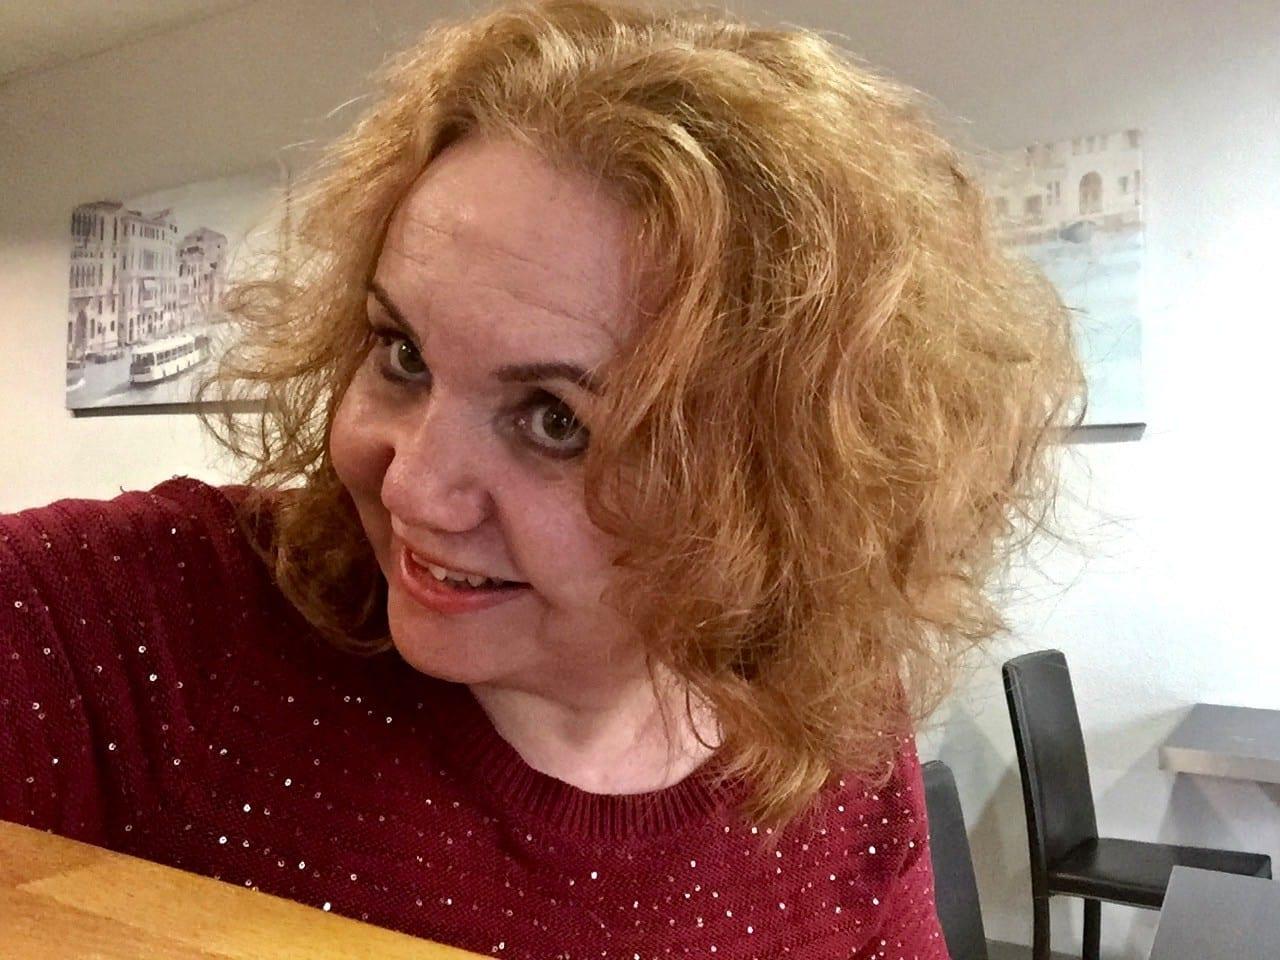 Couleur et coupe coiffure après Christine 4 by Mademoiselle M